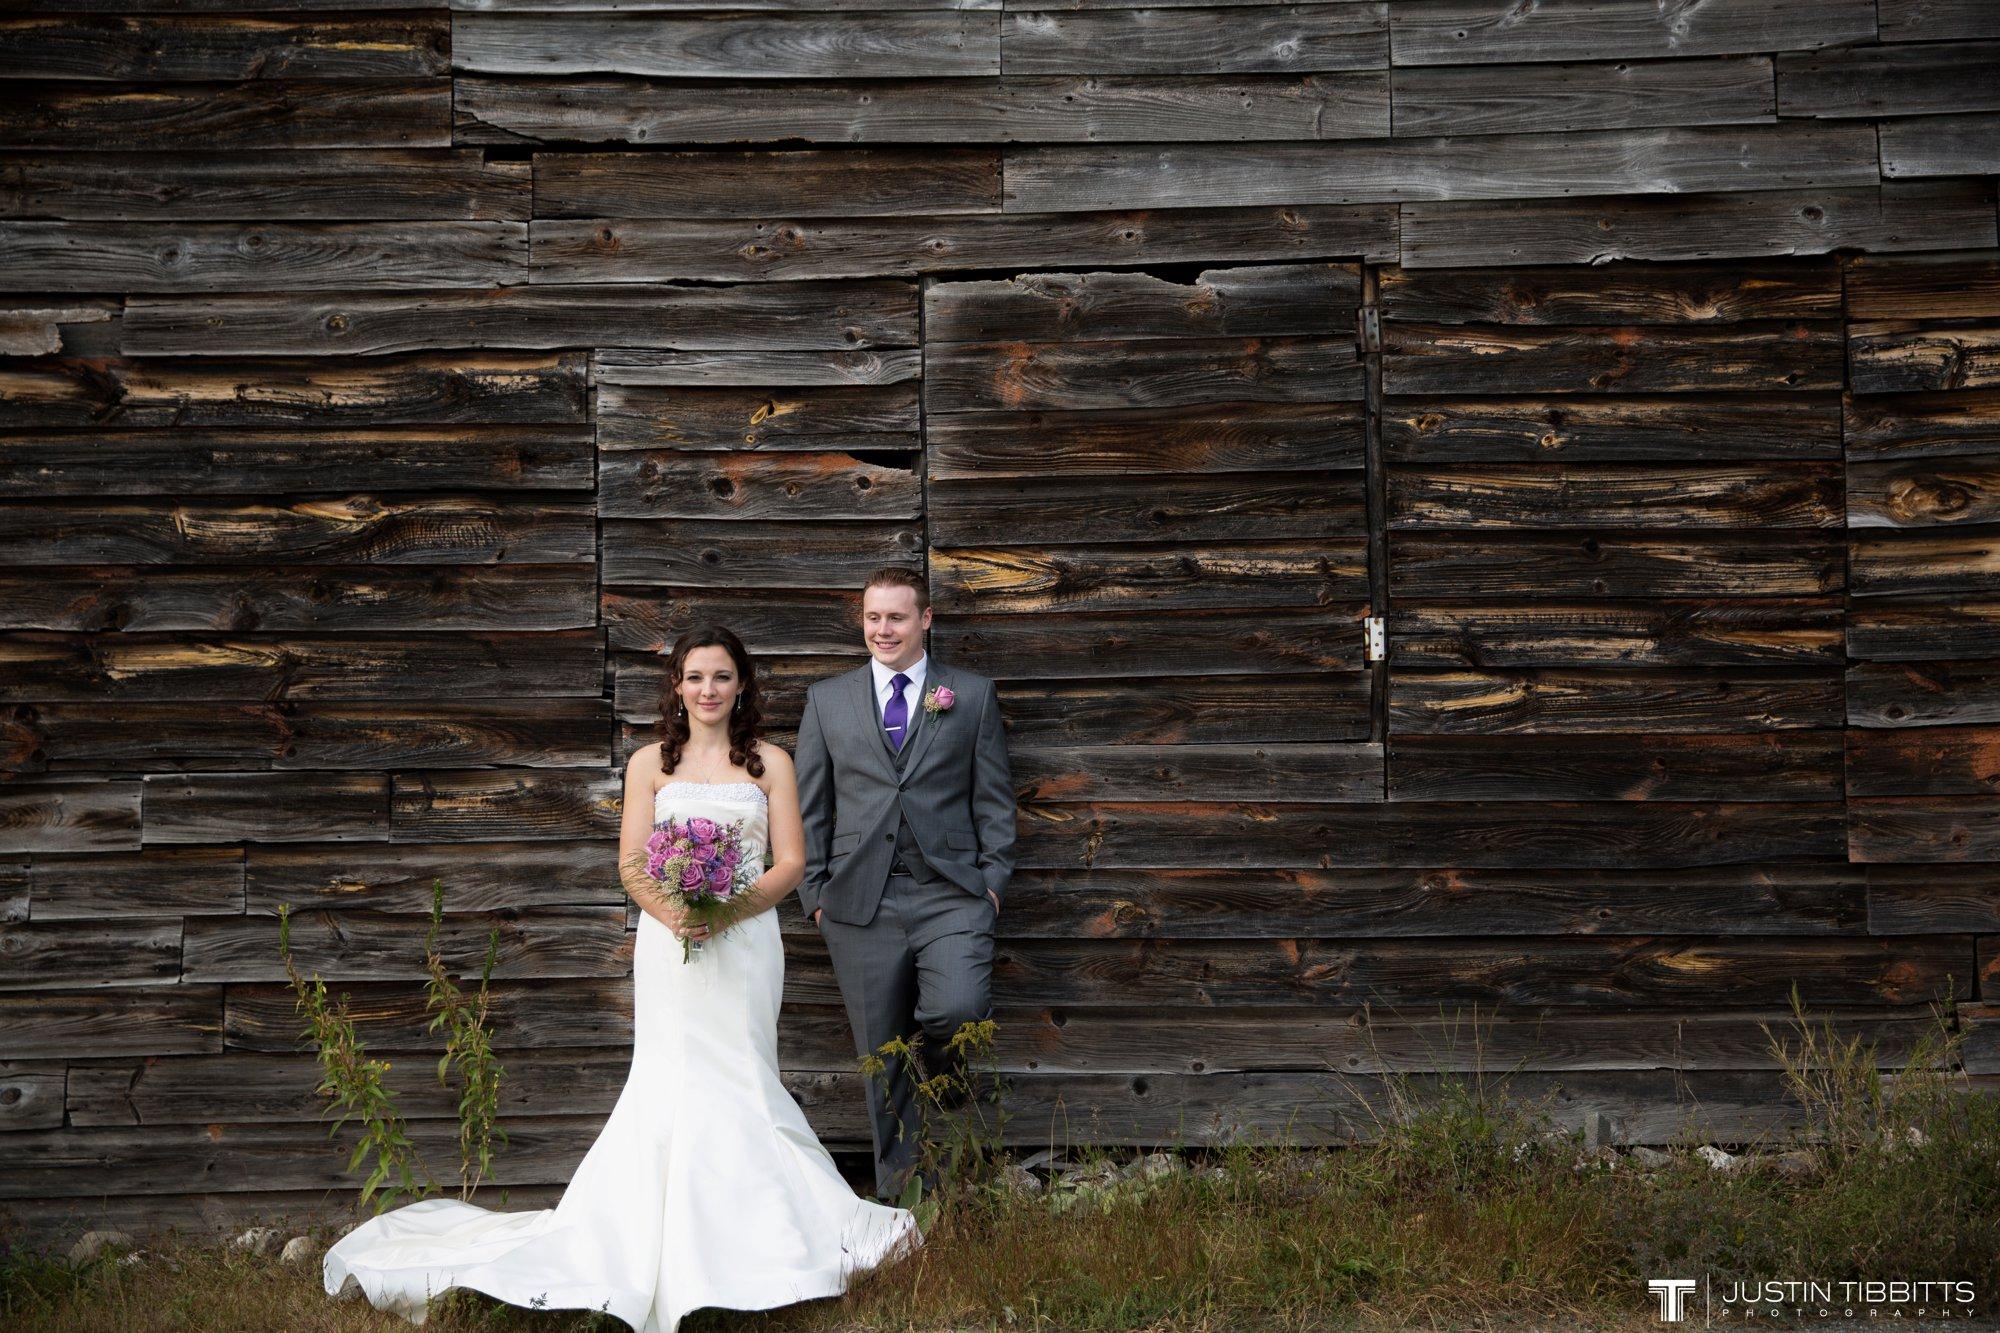 Justin Tibbitts Photography Rob and Brittany's Averill Park, NY Wedding_0401